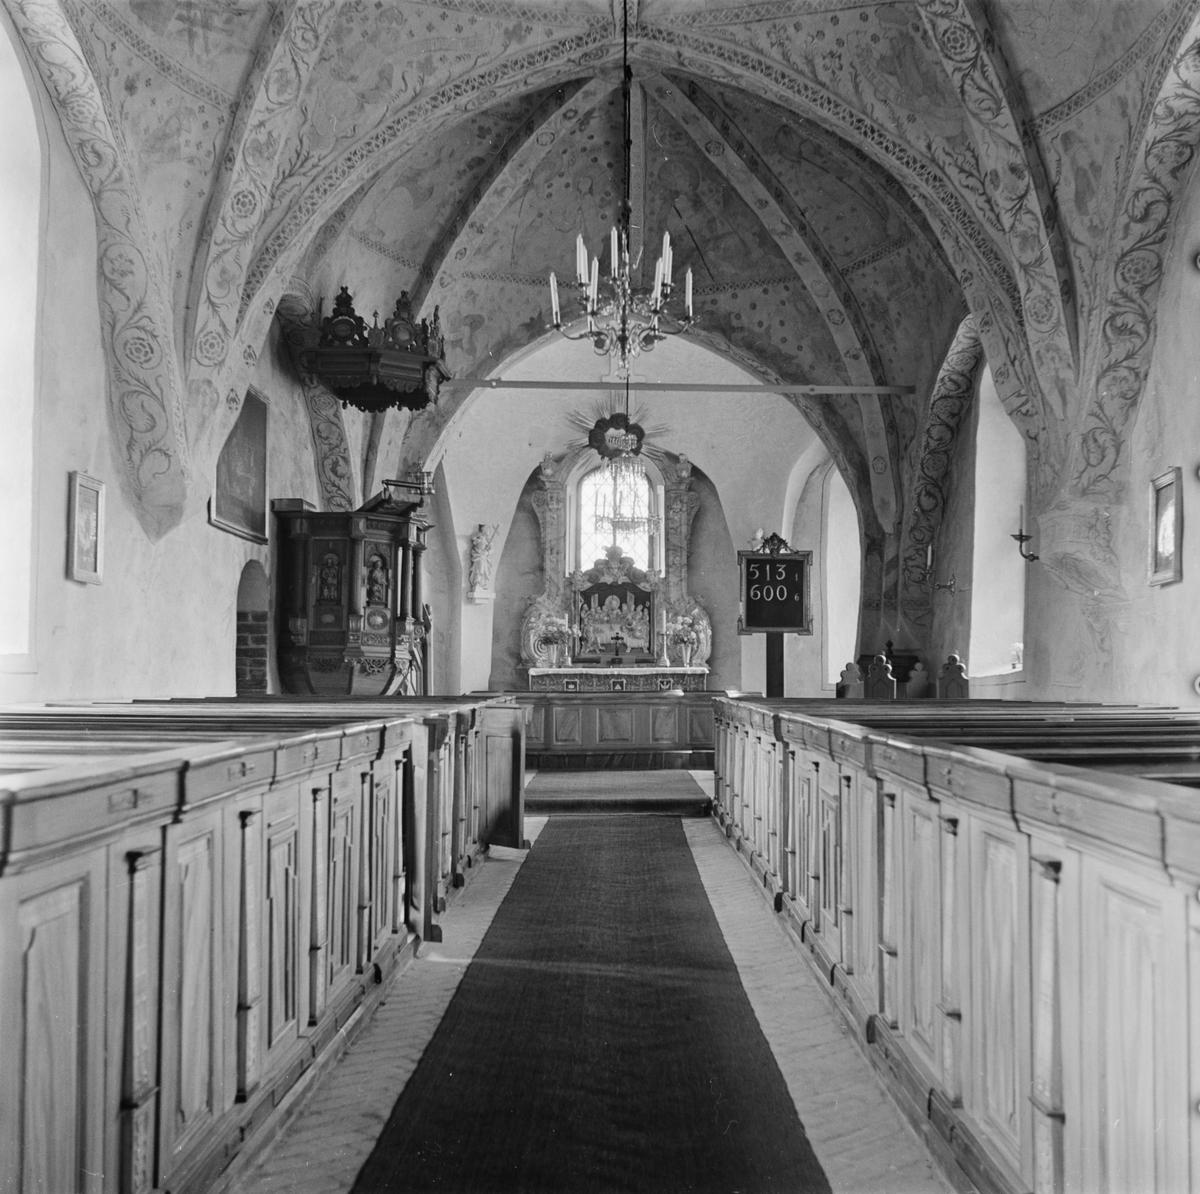 Interiör i Gryta kyrka, Gryta socken, Uppland